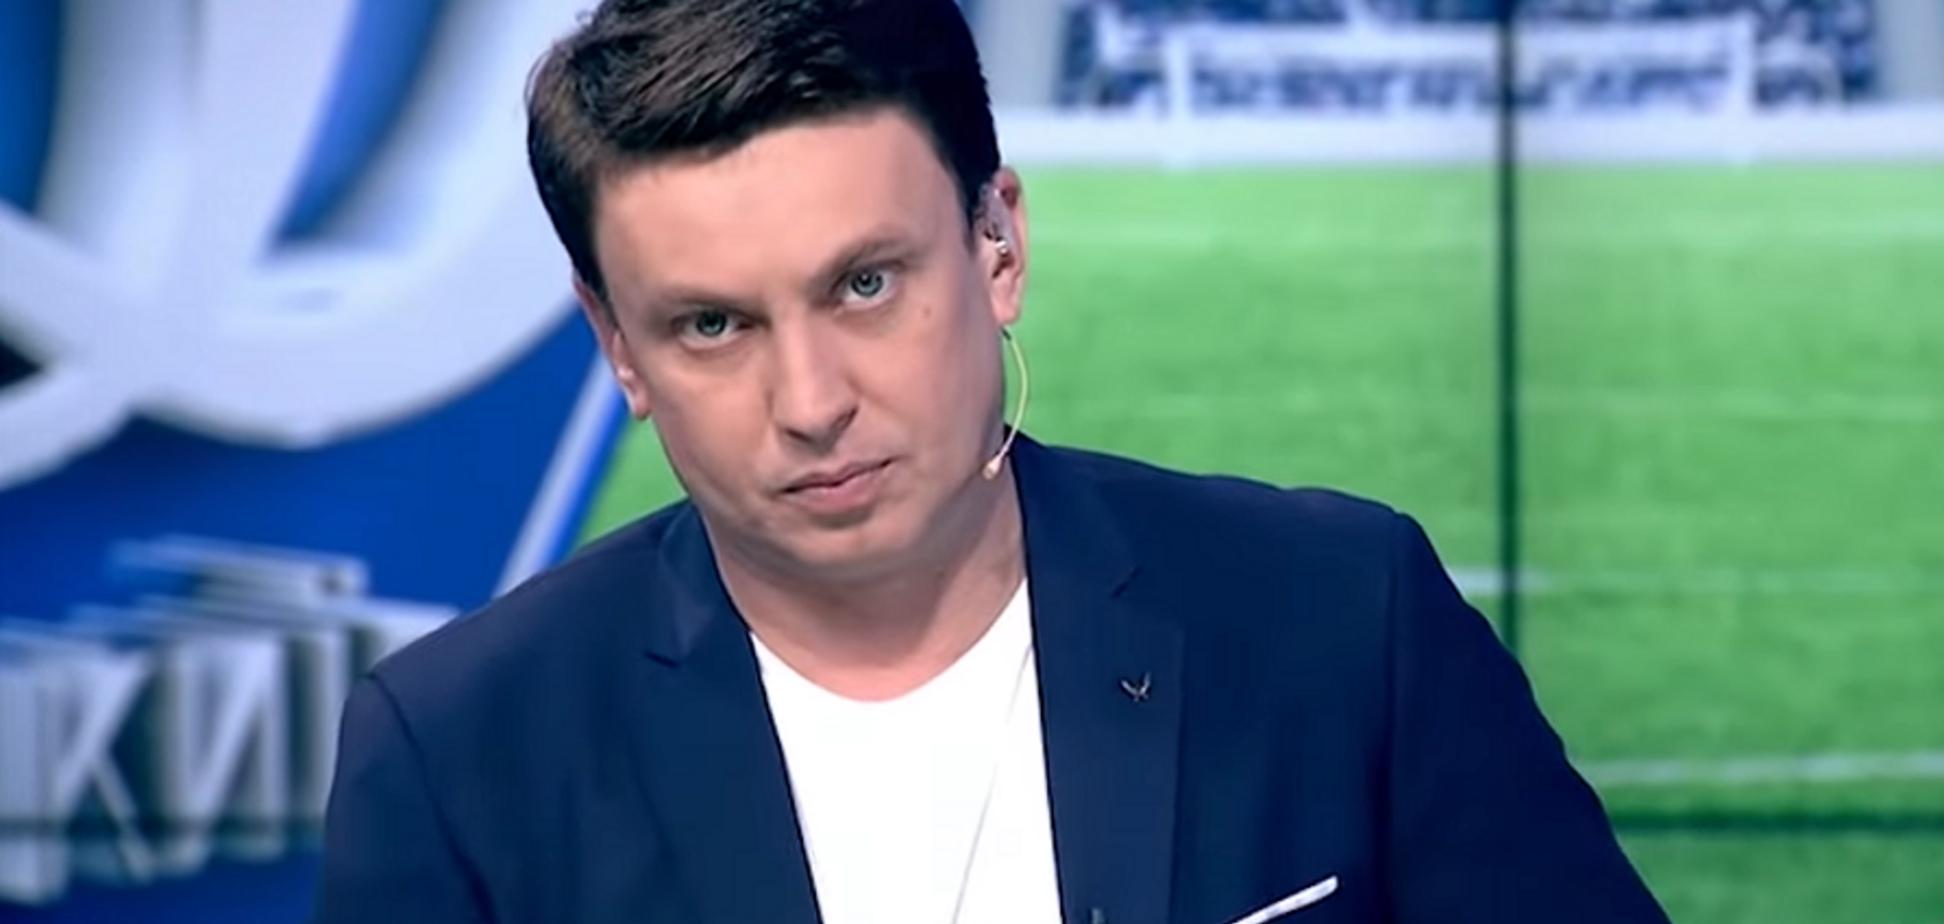 'Издеваются!' Журналист взбесился из-за матча 'Динамо'